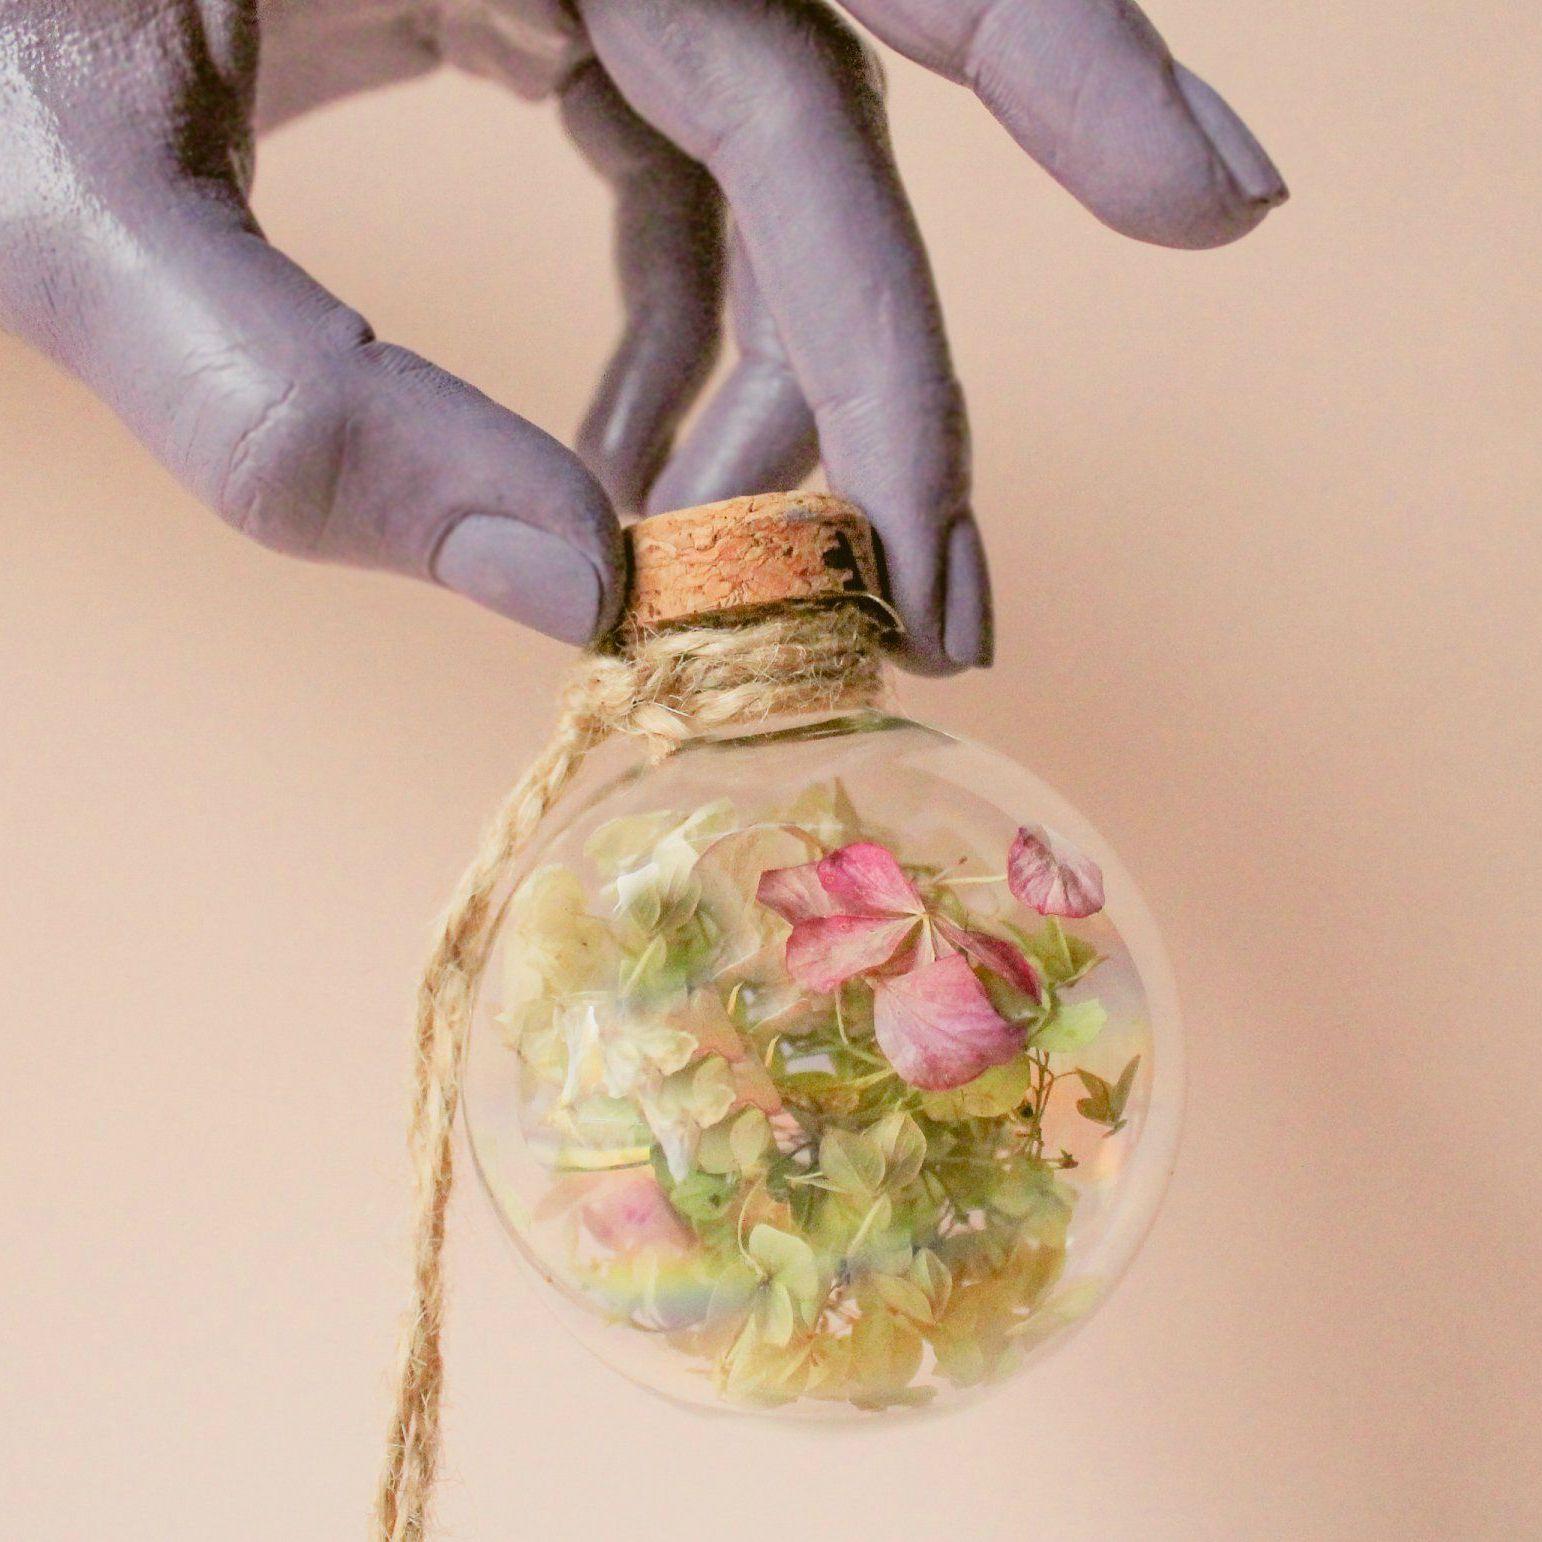 Holiday tree decoration with hydrangea